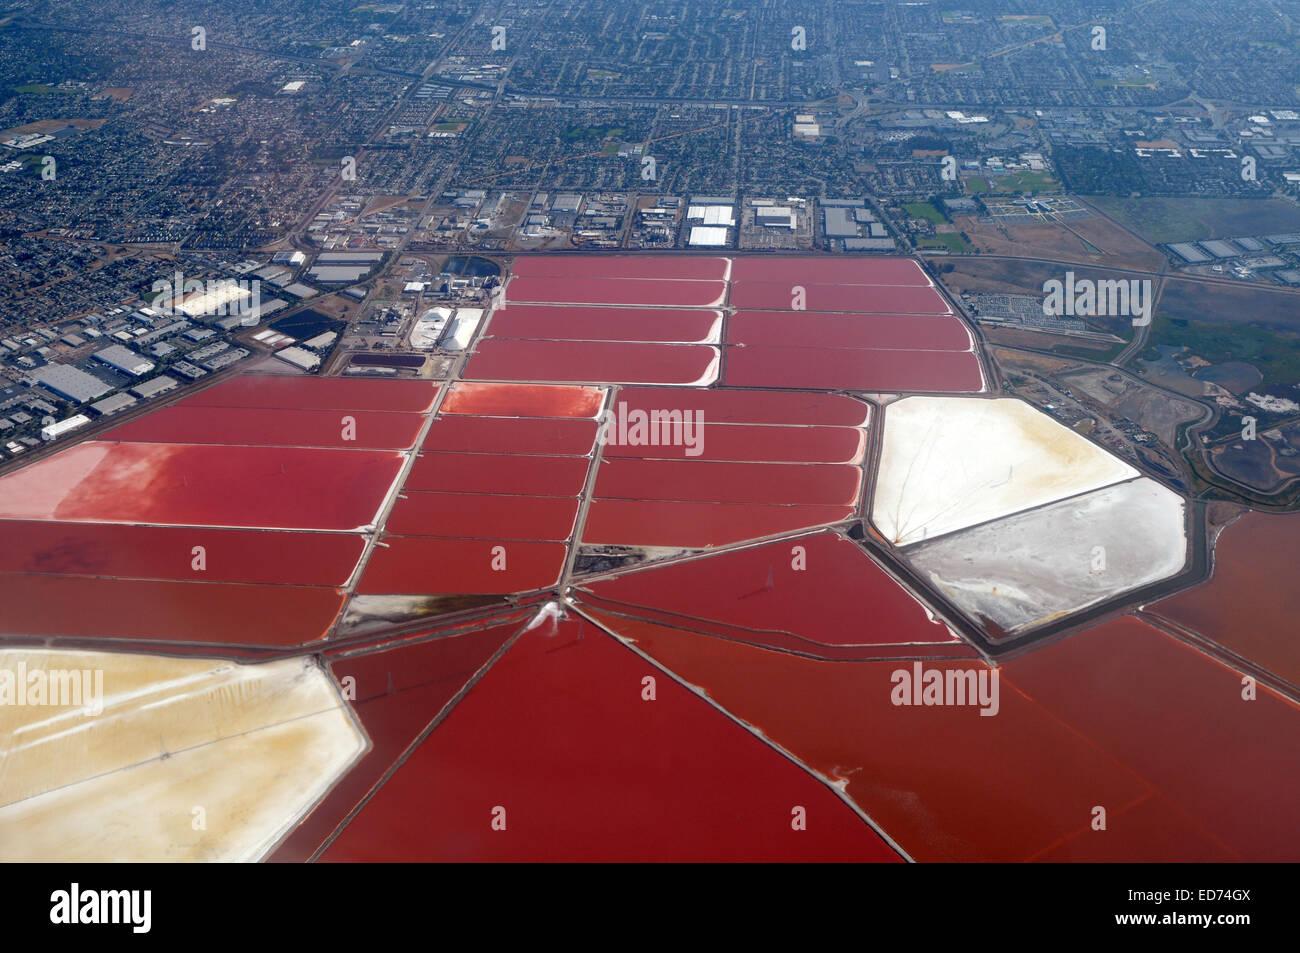 Piscines industrielles , près de Fremont, Californie SF Photo Stock